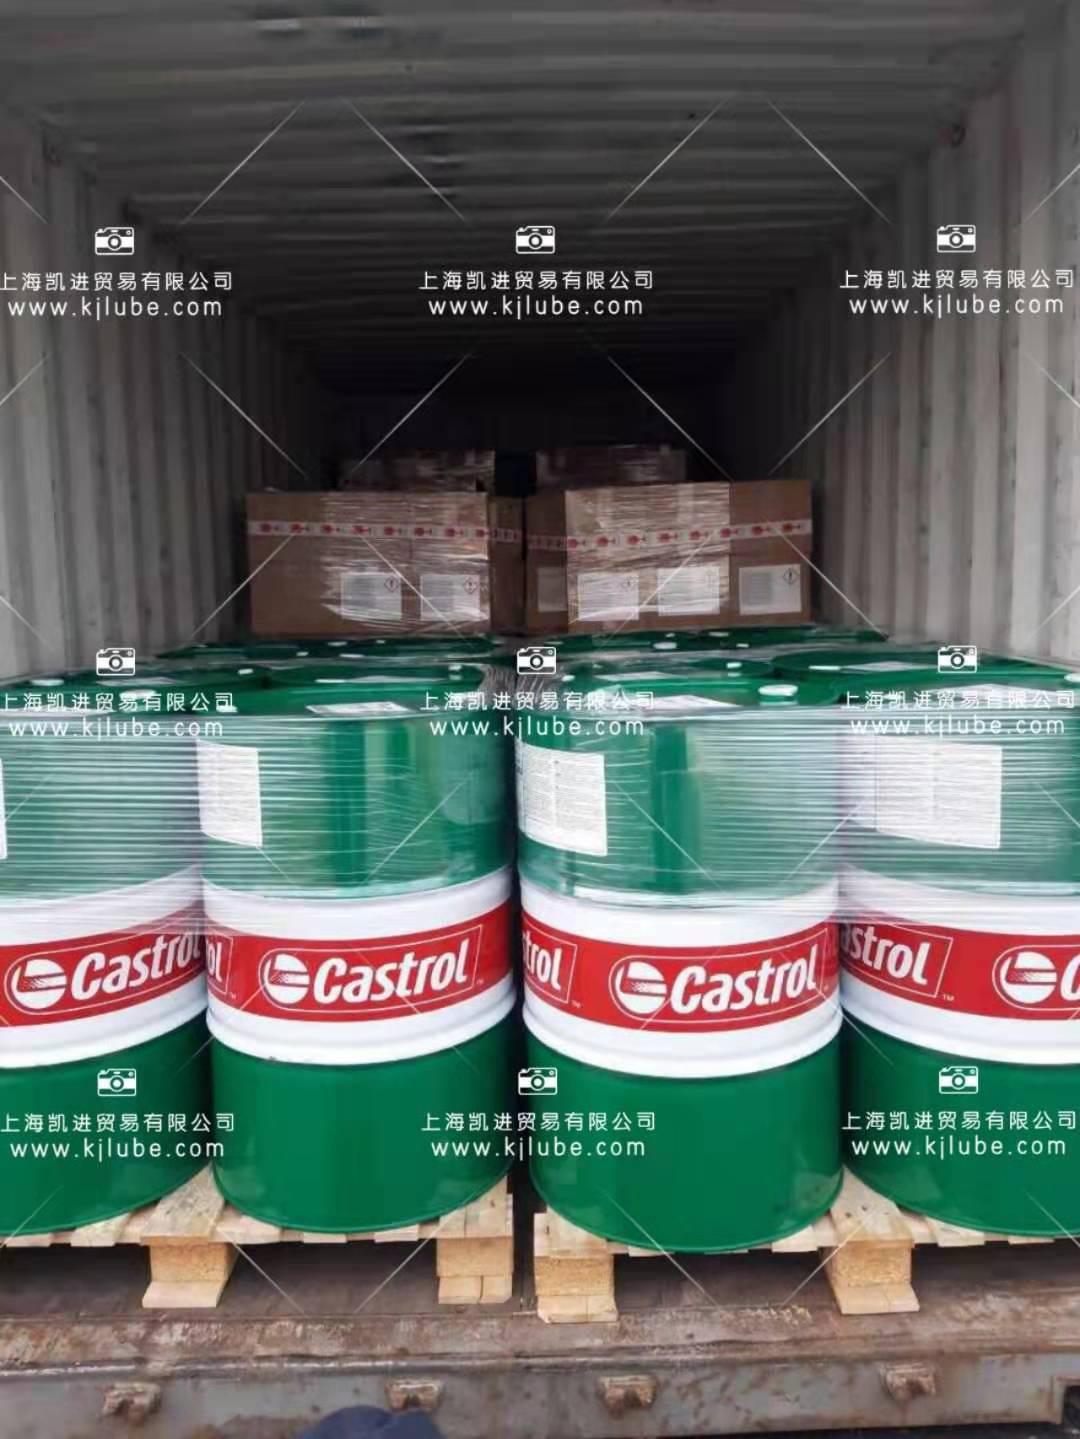 嘉实多castrol optigear RMO_上海凯进贸易